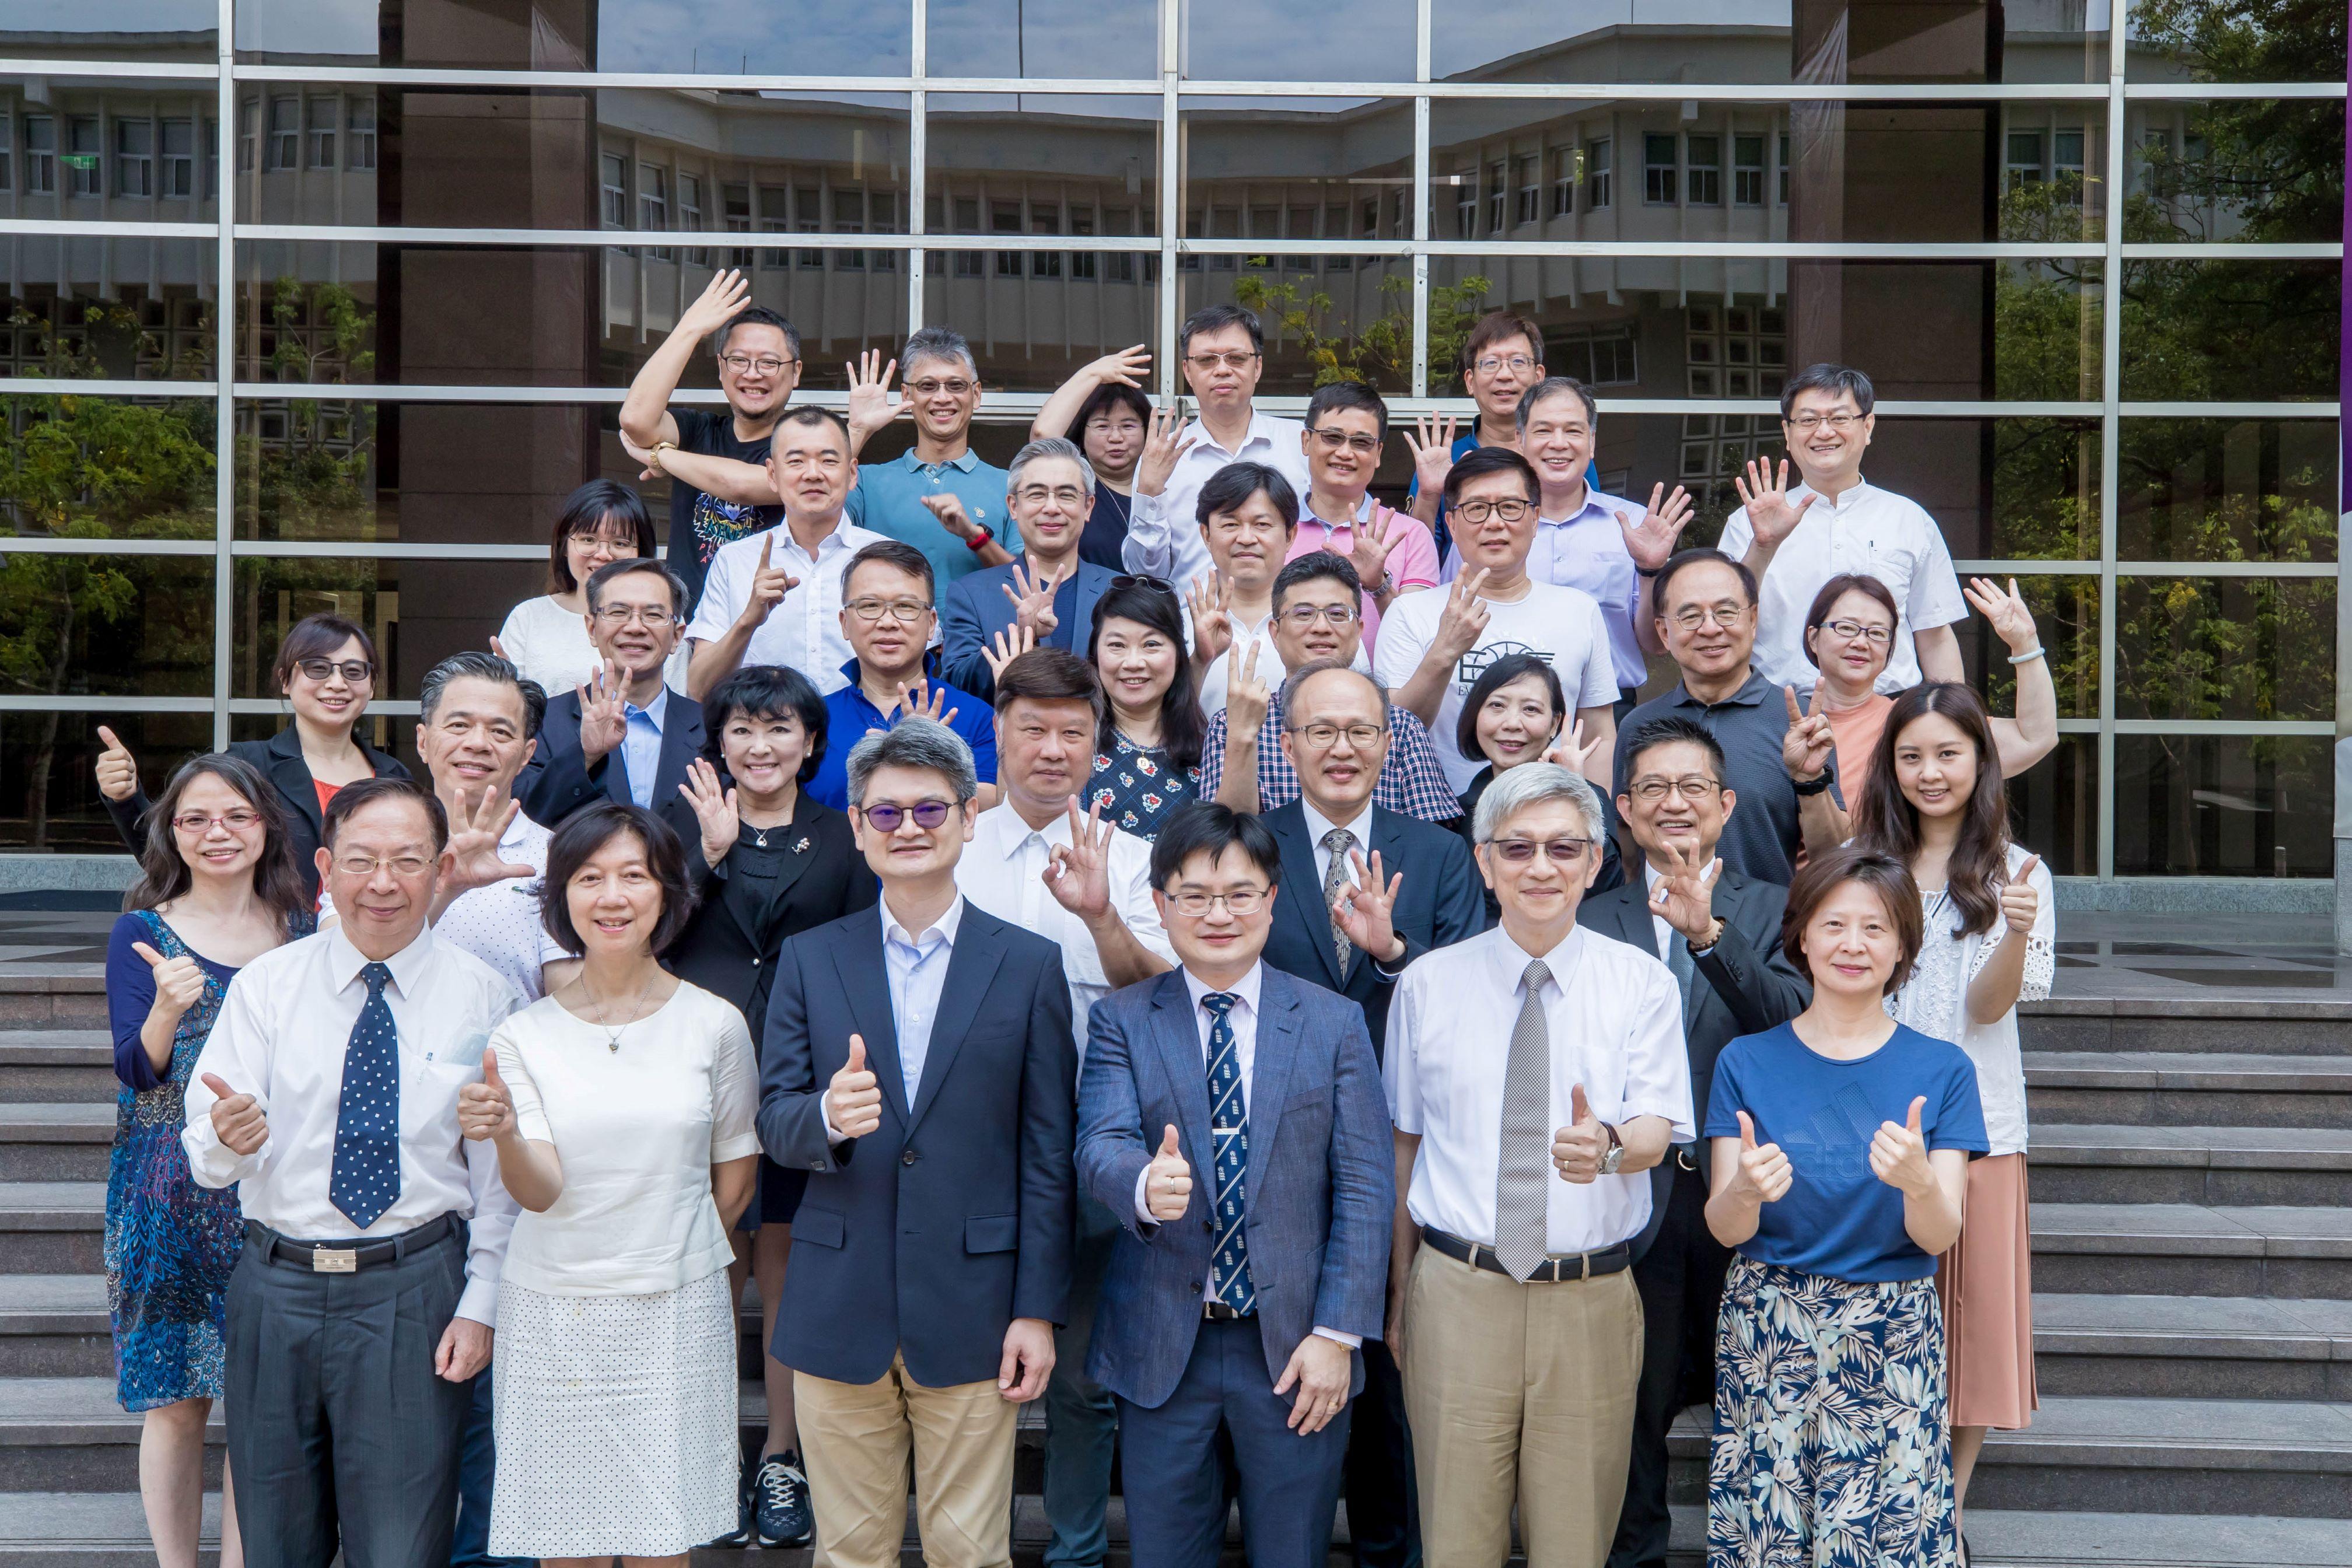 政大商學院第三屆DBA論文研究發表營圓滿成功,打造師生共學、跨域成長的優質學習環境。